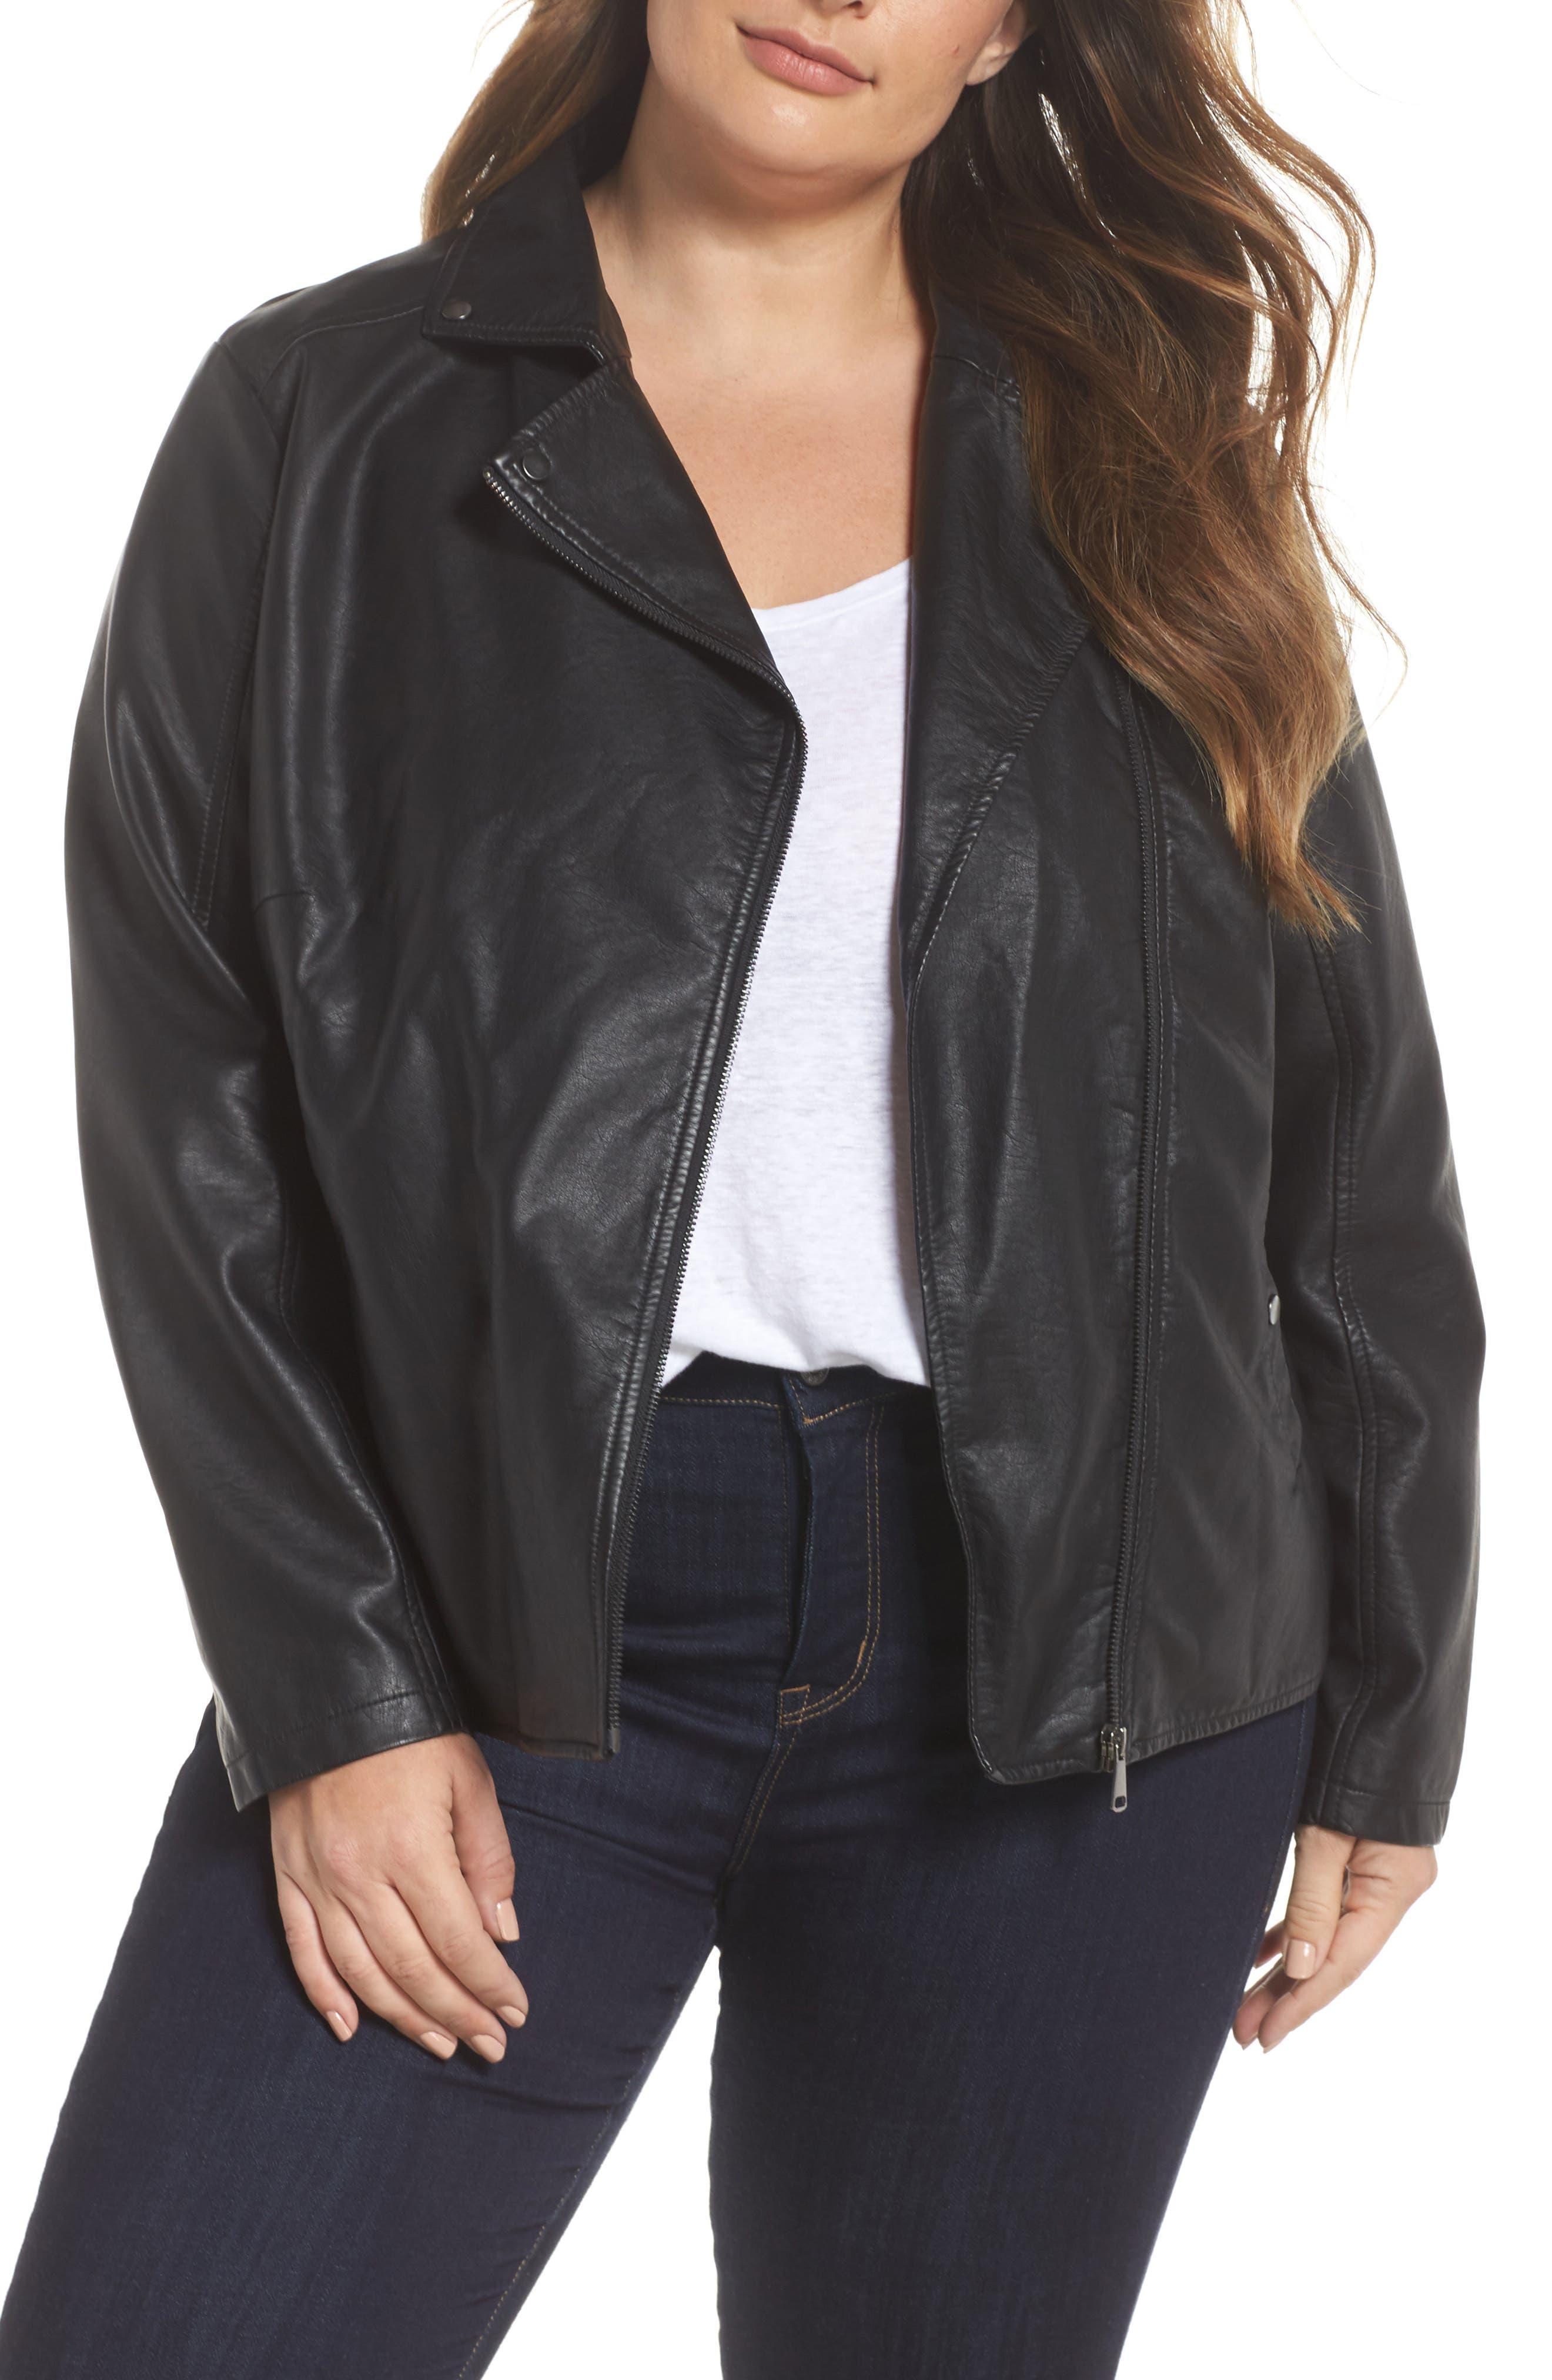 Main Image - JUNAROSE Karisa Faux Leather Moto Jacket (Plus Size)